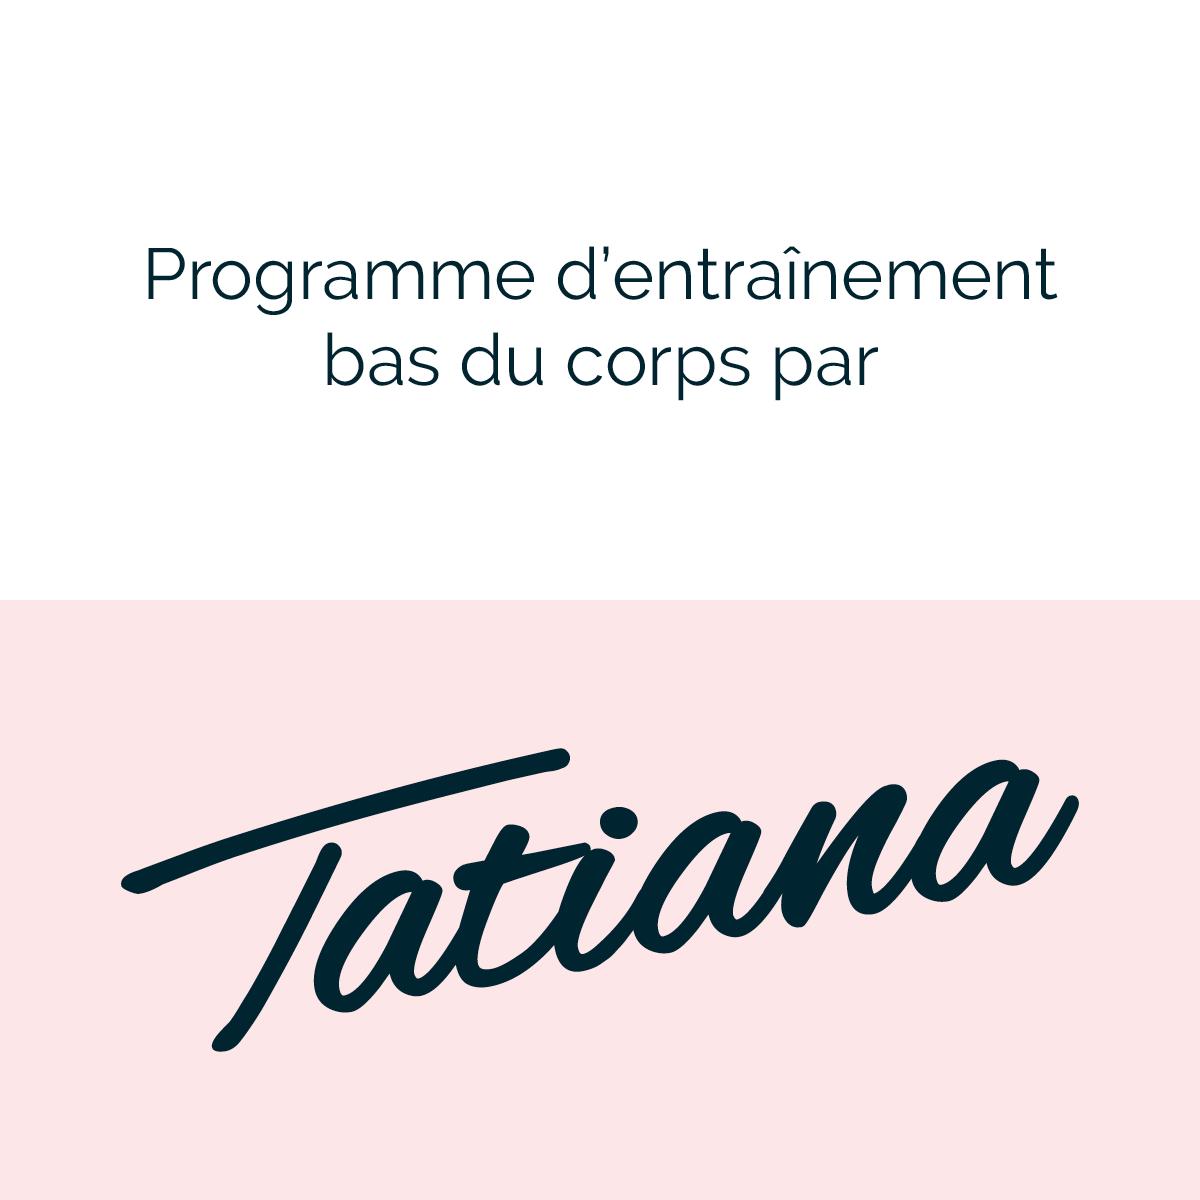 Tatiana Programme Tatiana - Bas du corps  Maison + Gym